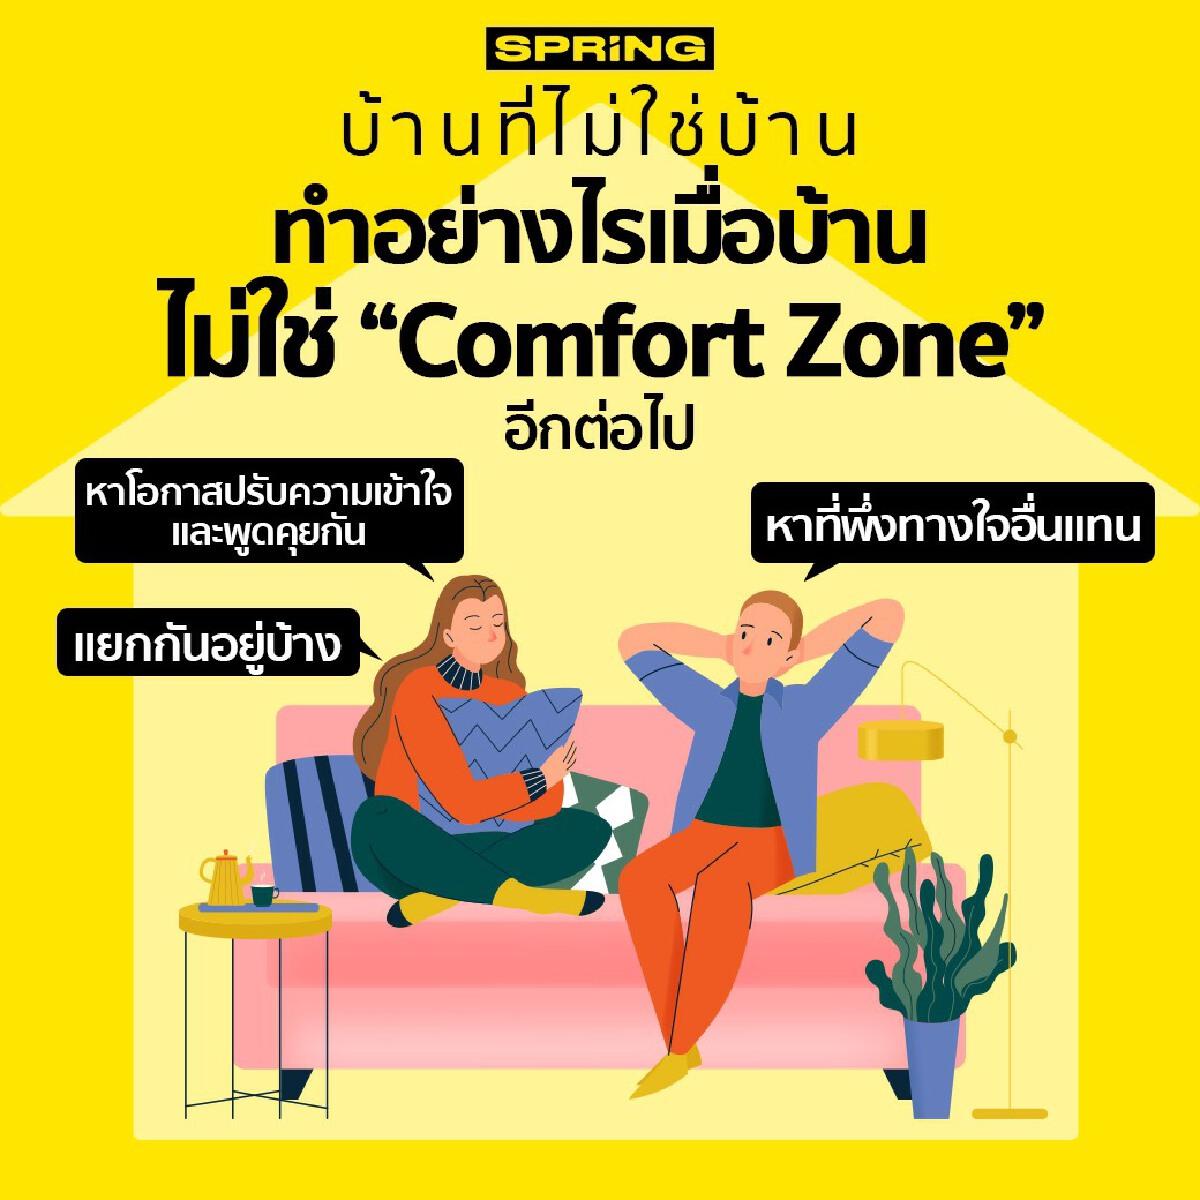 """บ้านที่ไม่ใช่บ้าน ทำอย่างไรเมื่อบ้าน ไม่ใช่ """"Comfort Zone"""" อีกต่อไป"""